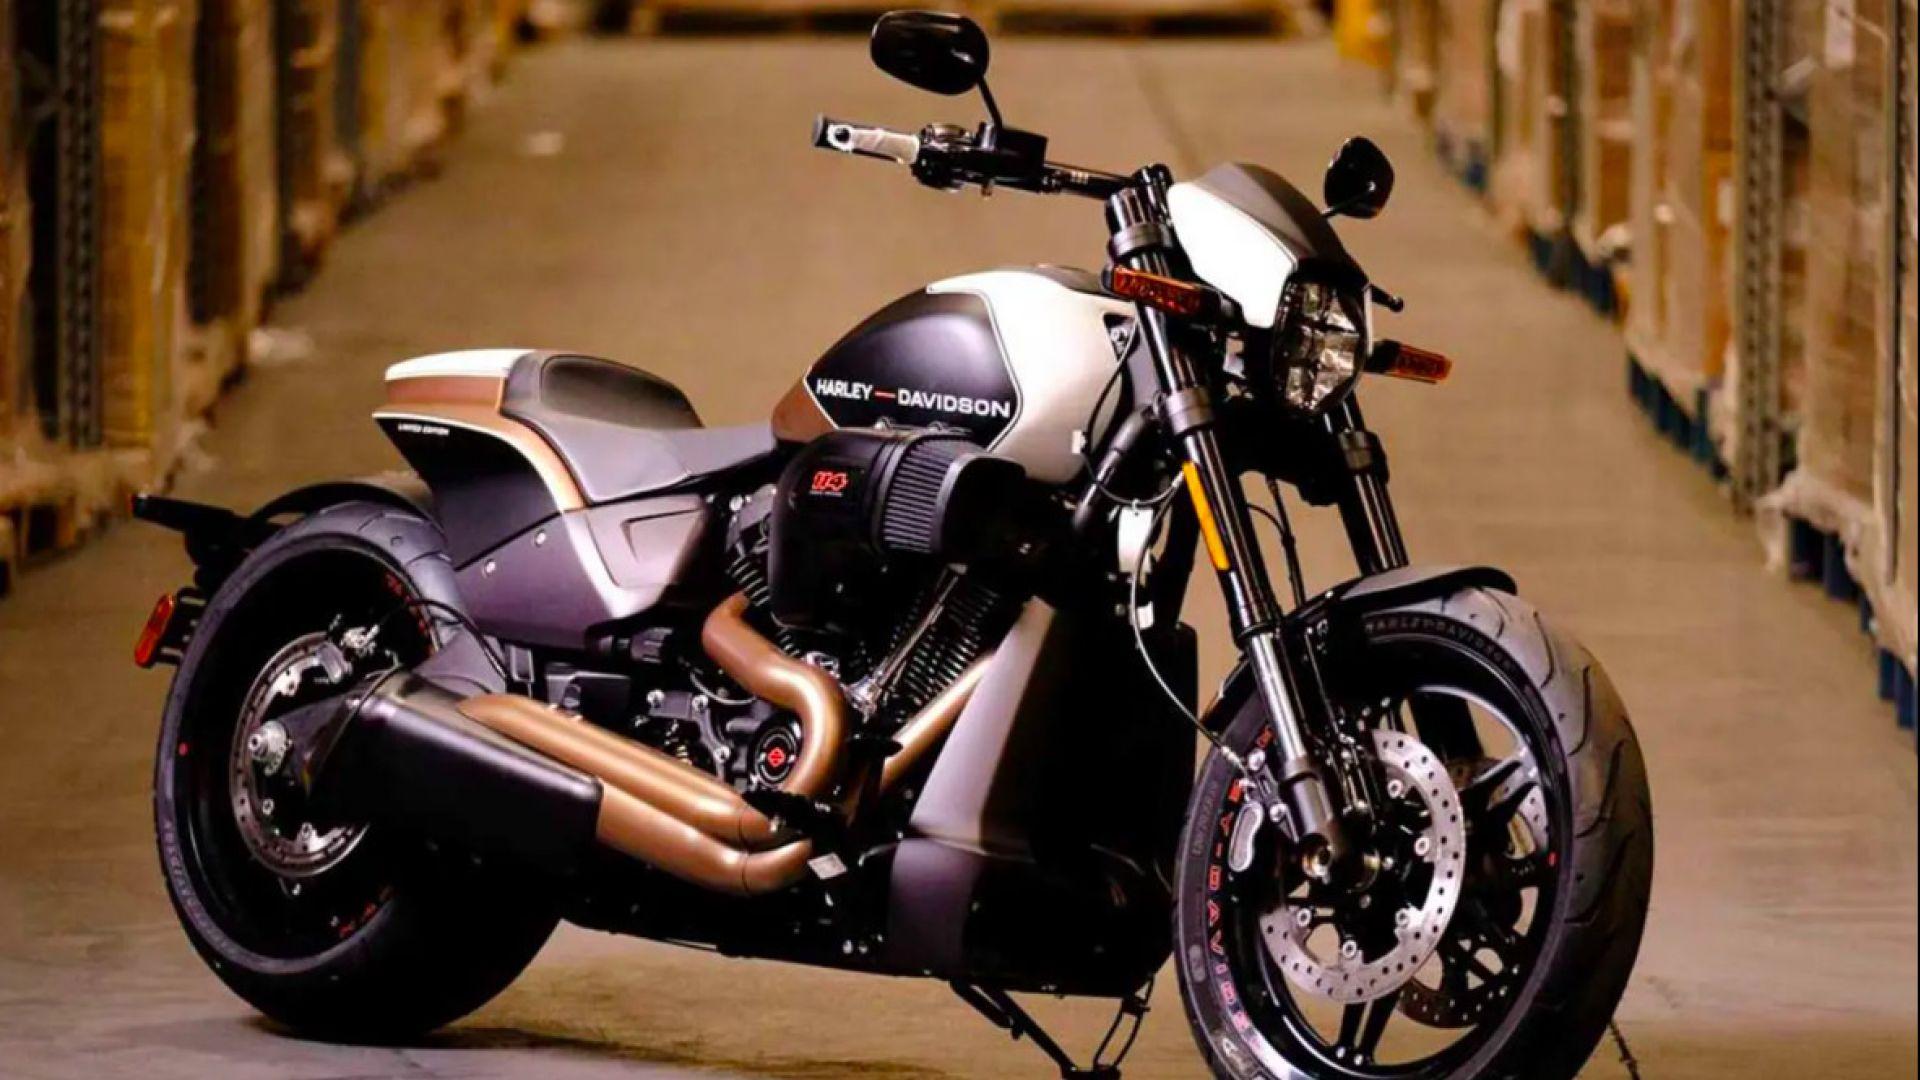 Harley-davidson Fxdr 114 Limited Edition 2020  Foto E Prezzo